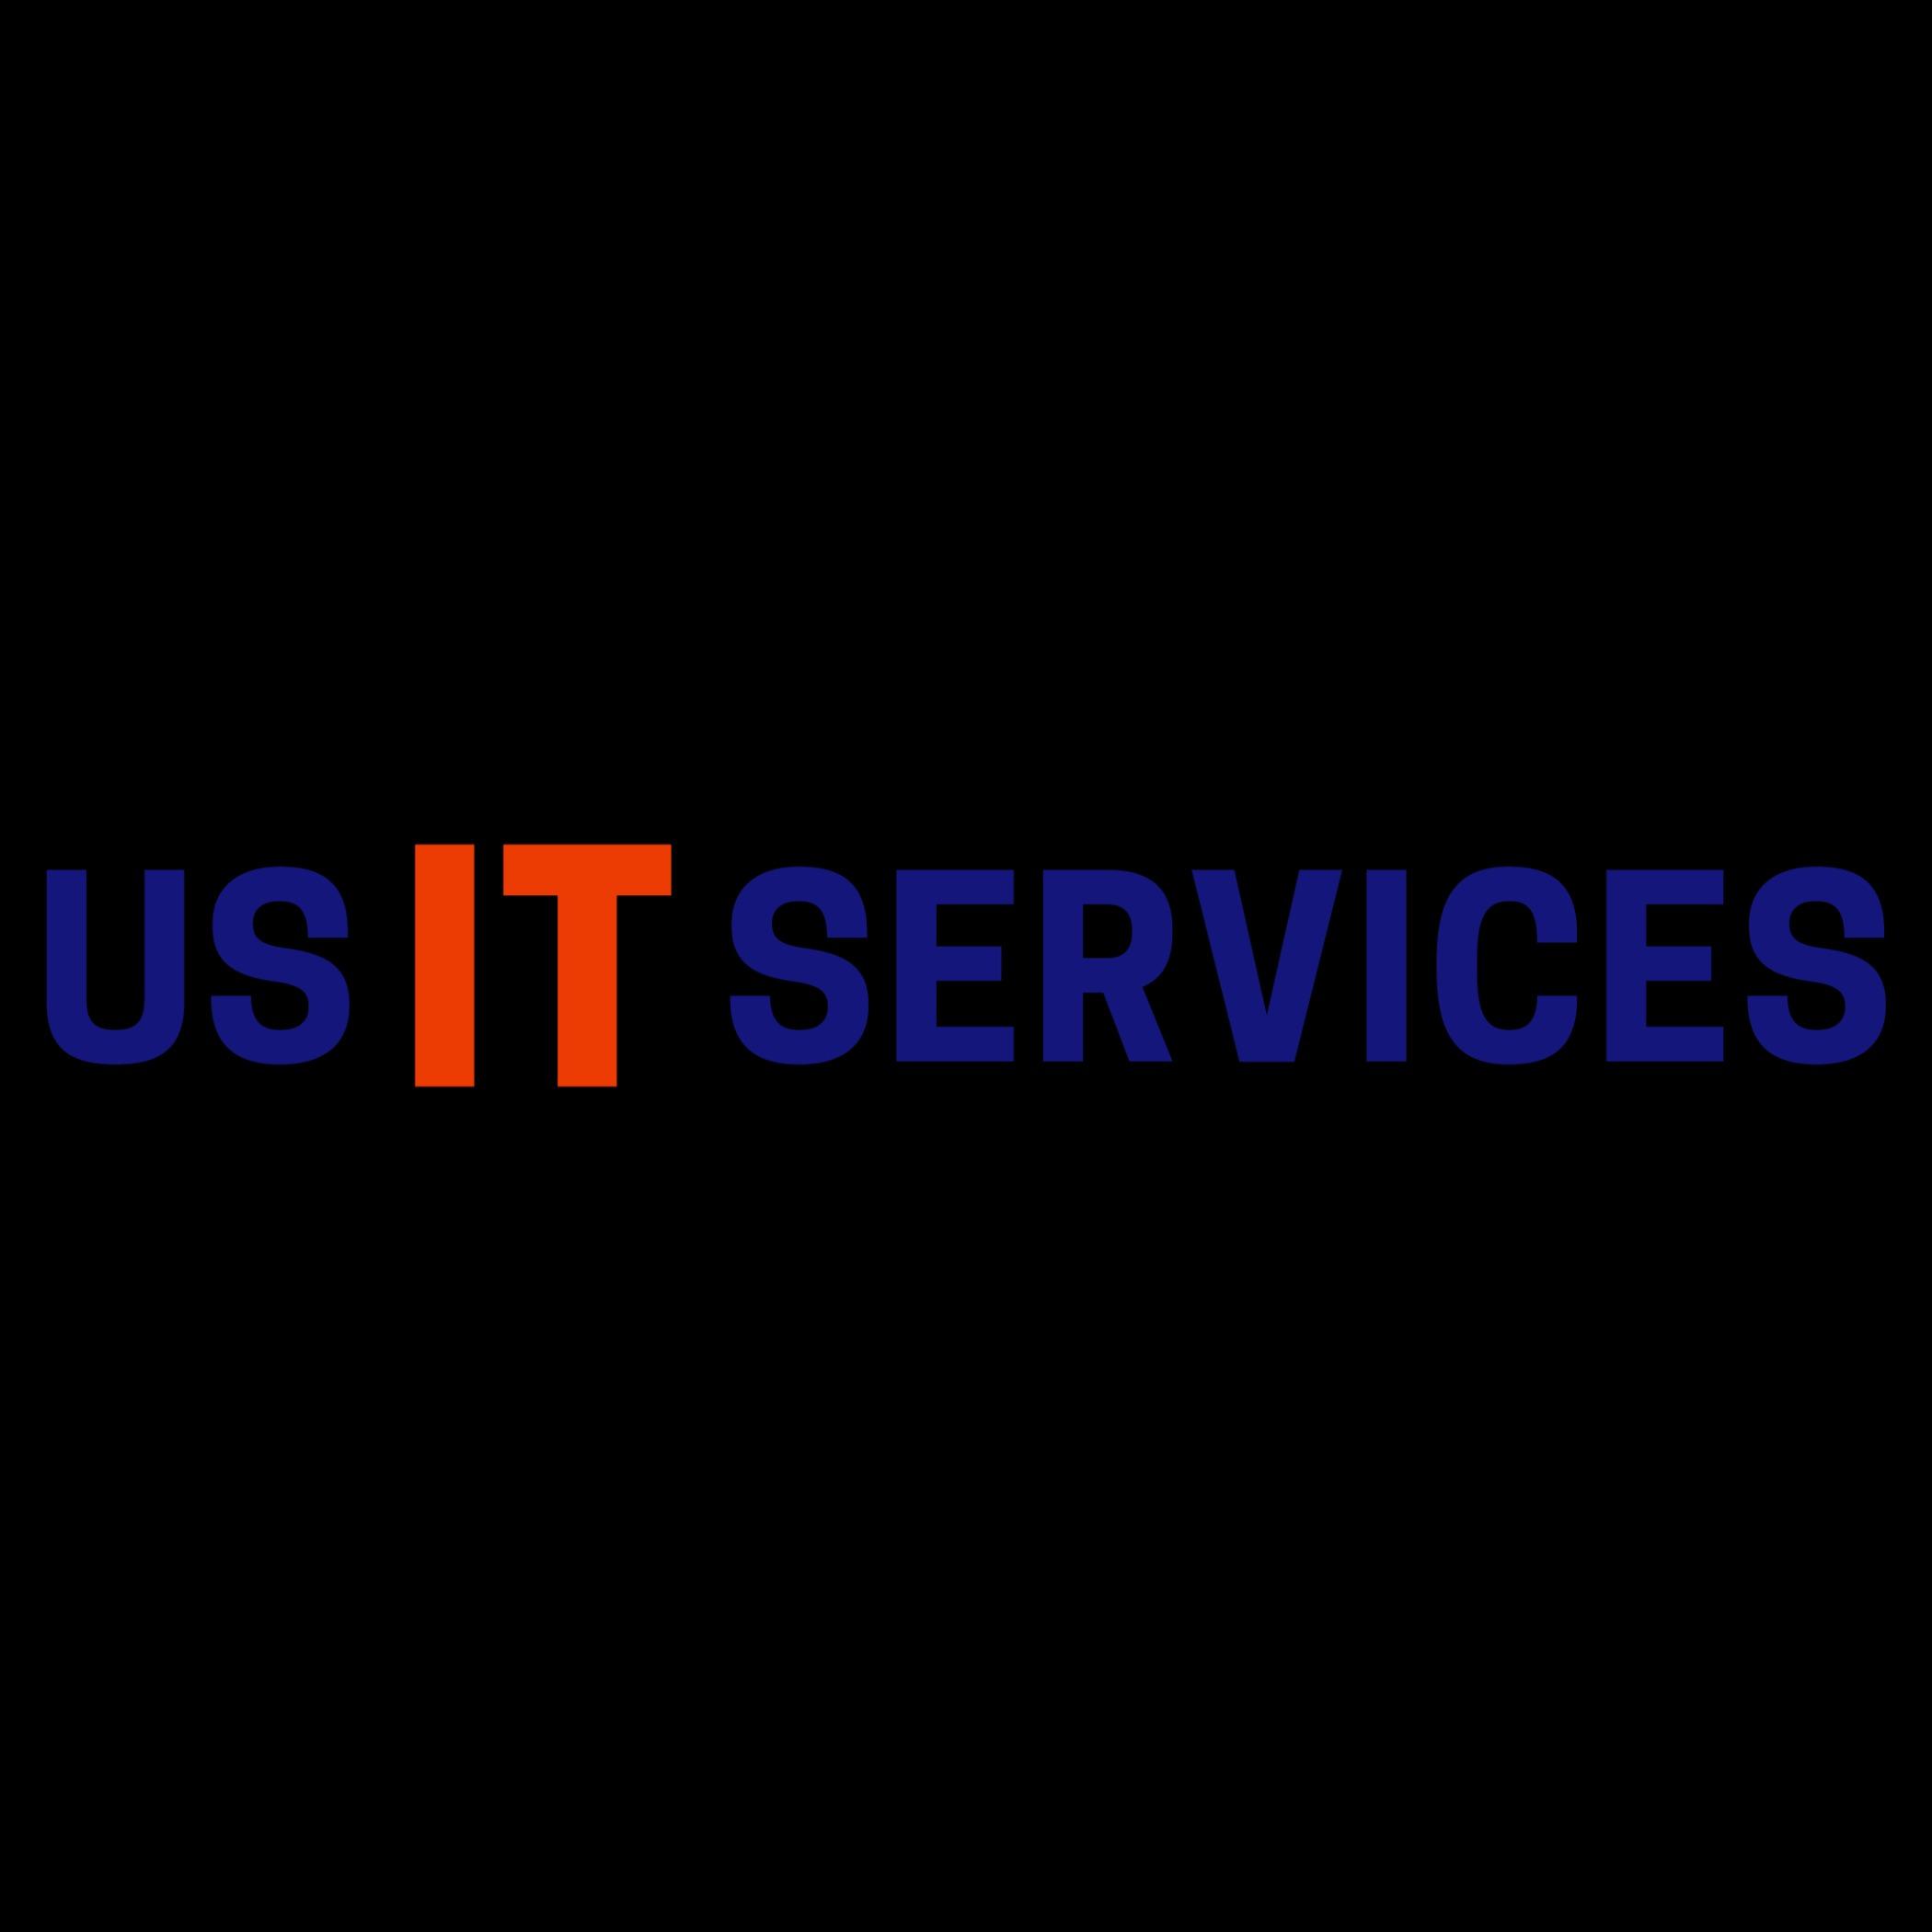 US IT Services